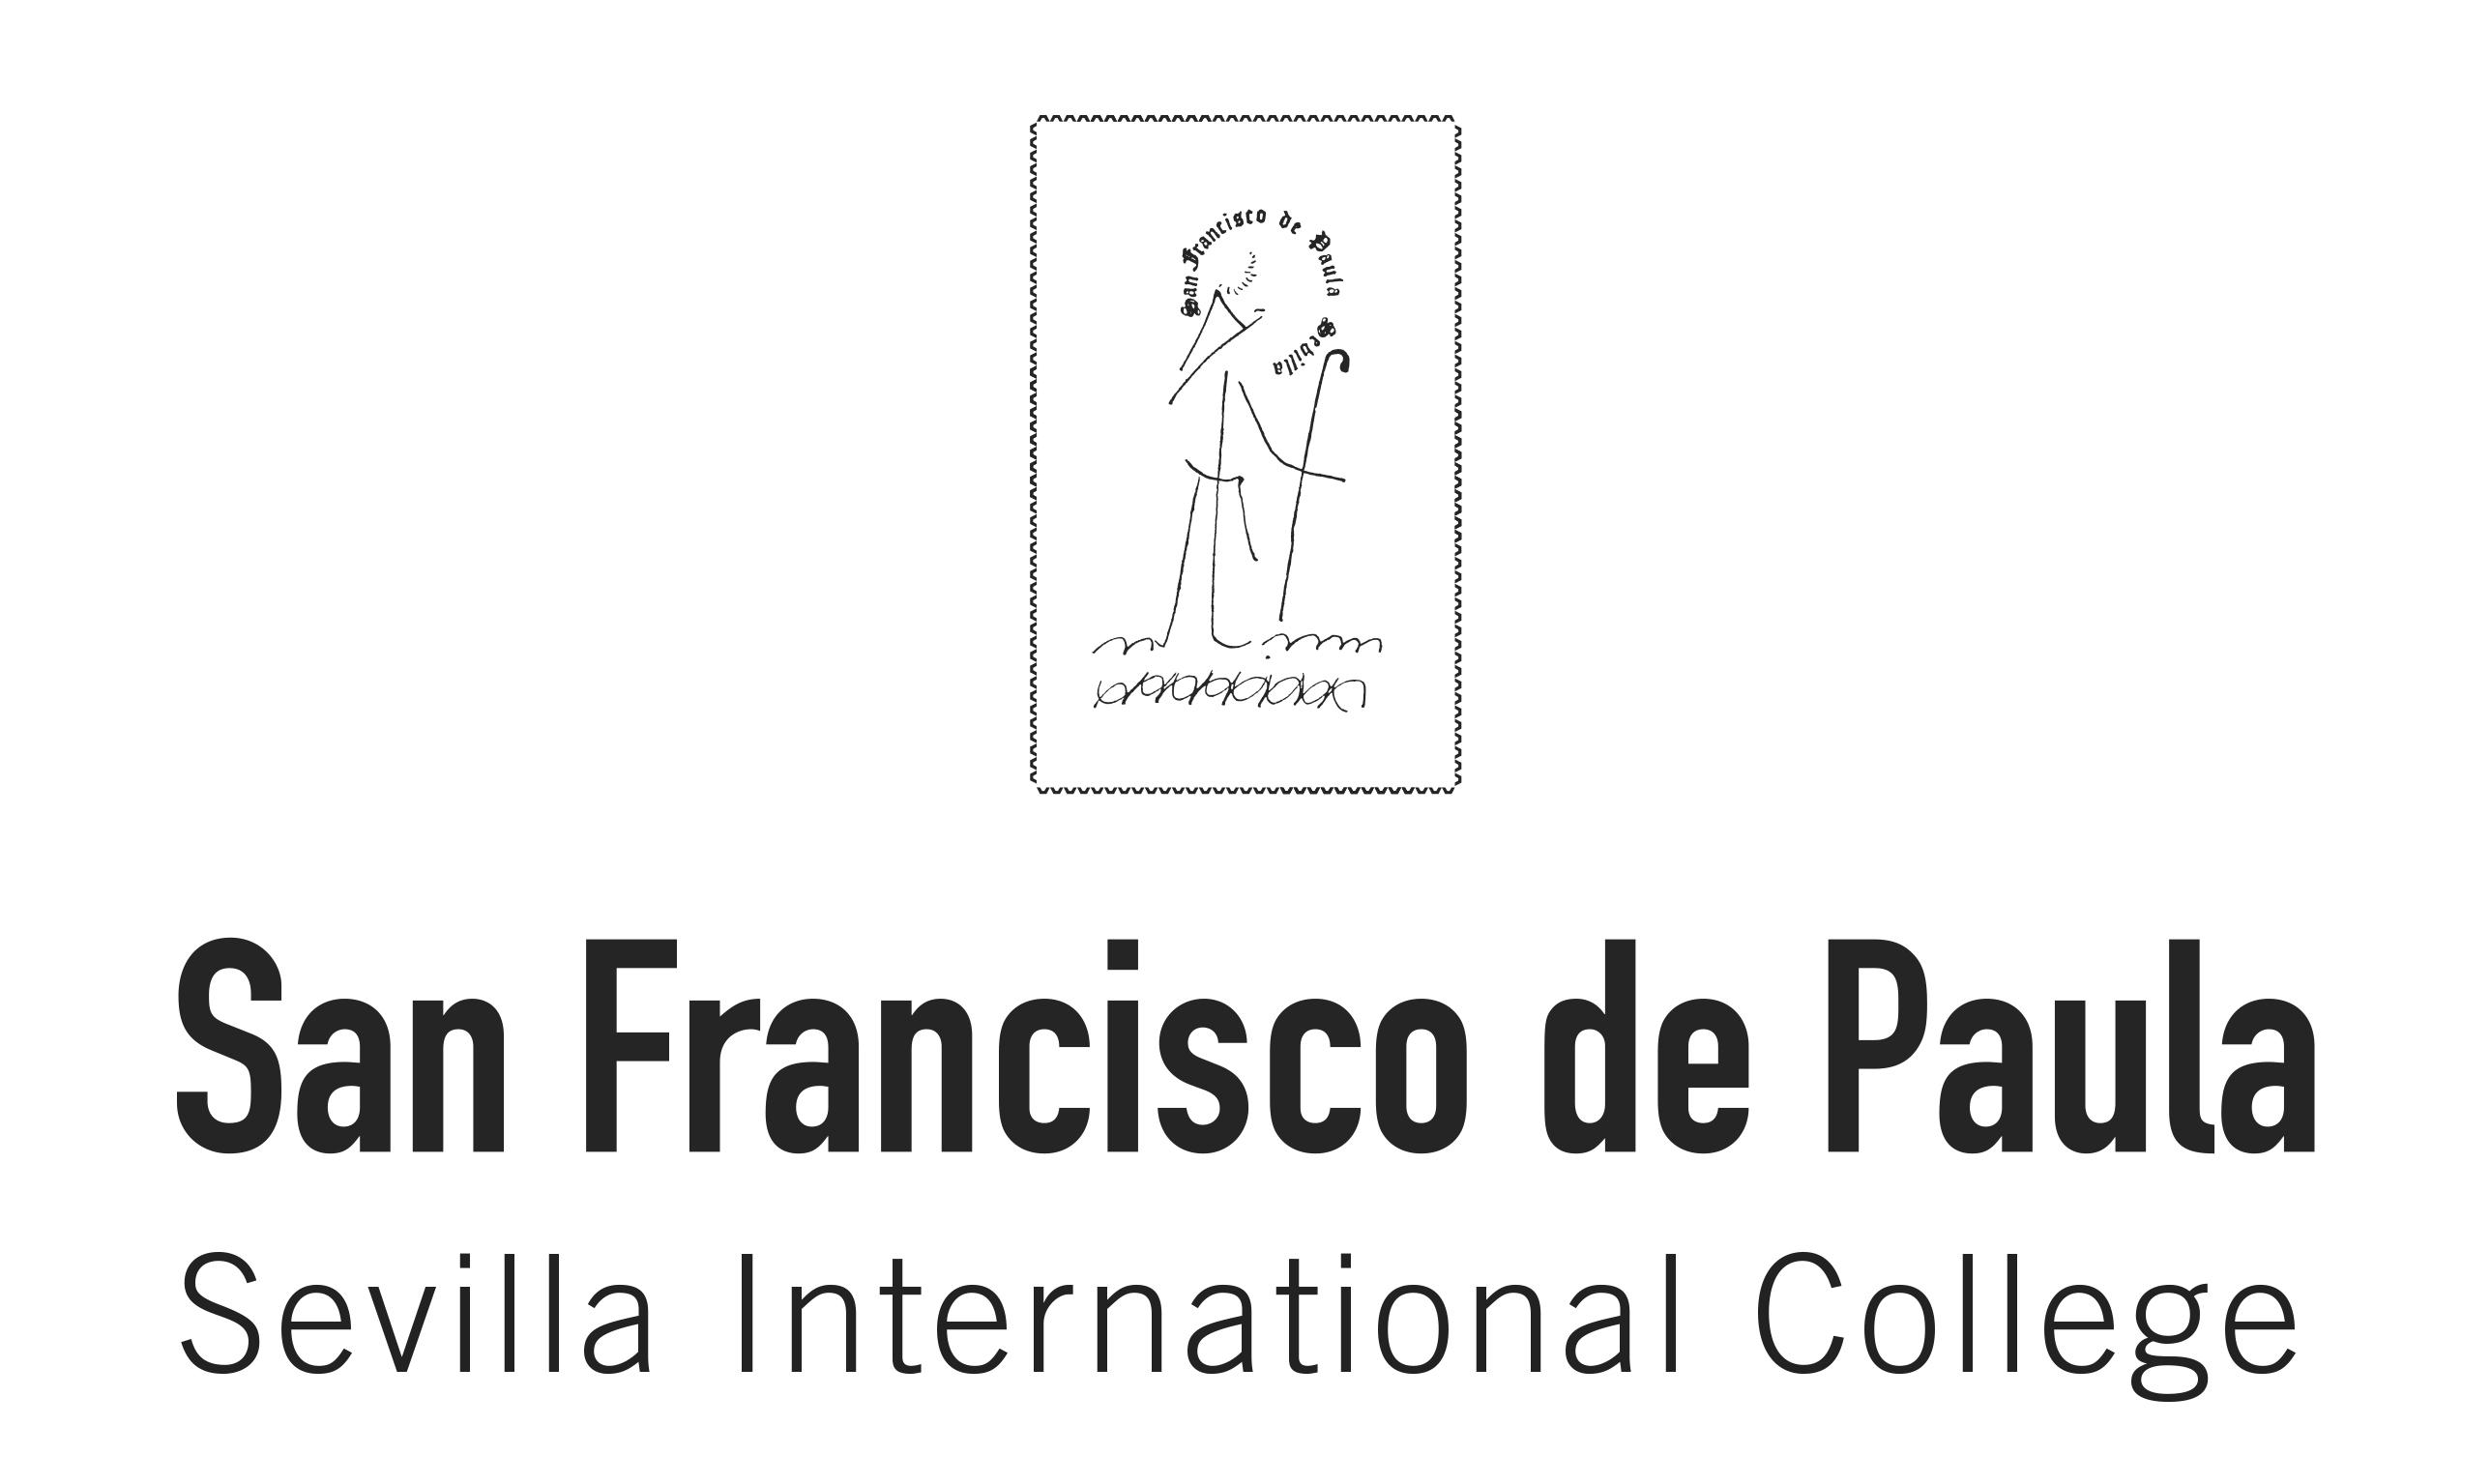 CONVOCATORIA DE PRENSA: ALUMNOS DE BACHILLERATO PRESENTAN SUS REVOLUCIONARIOS PROYECTOS QUE MEZCLAN EMPRENDIMIENTO, TECNOLOGÍA DE VANGUARDIA Y CONECTIVIDAD